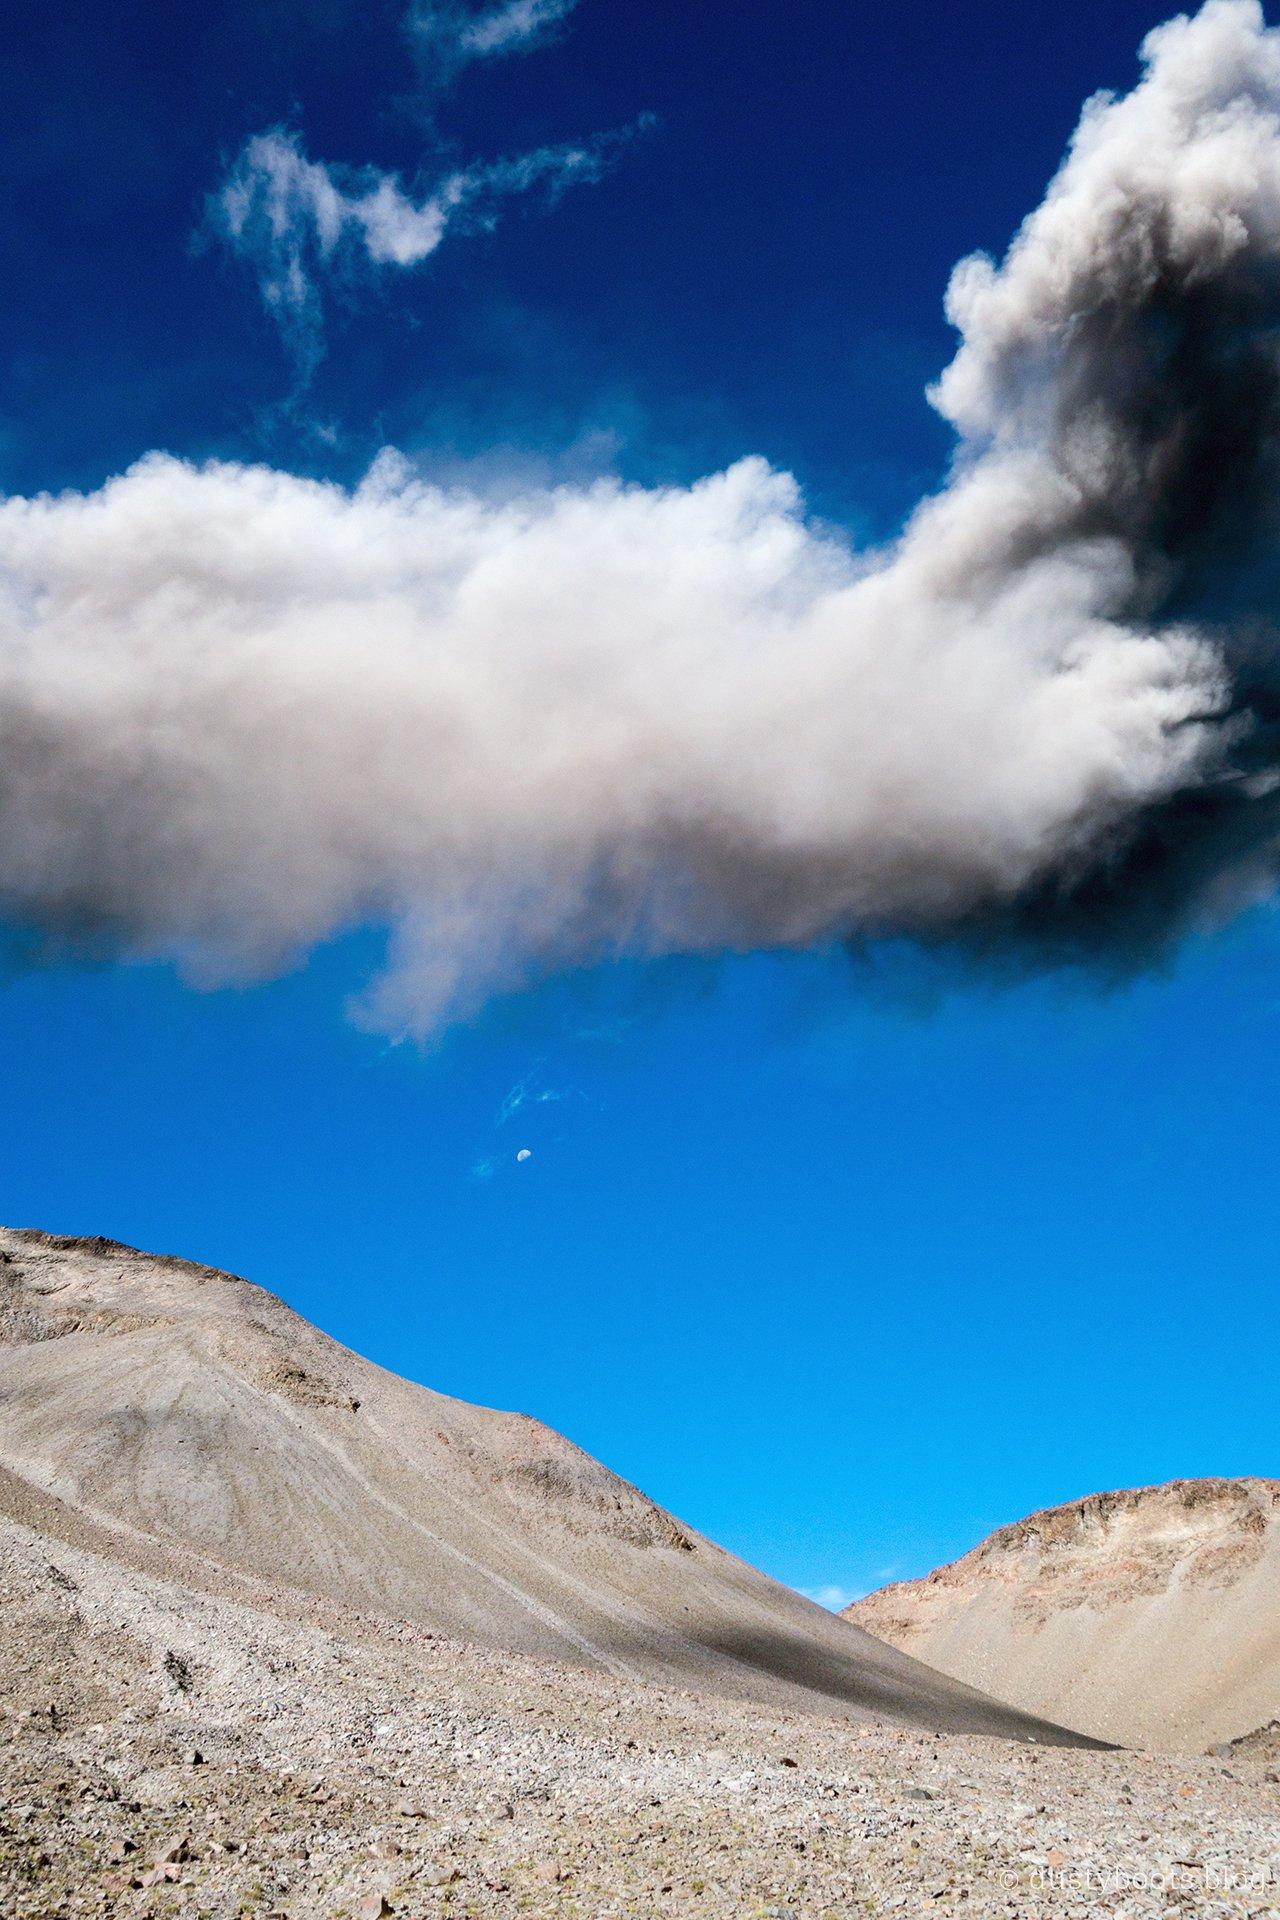 Ausbruch des Vulkans Chillan in Zentralchile